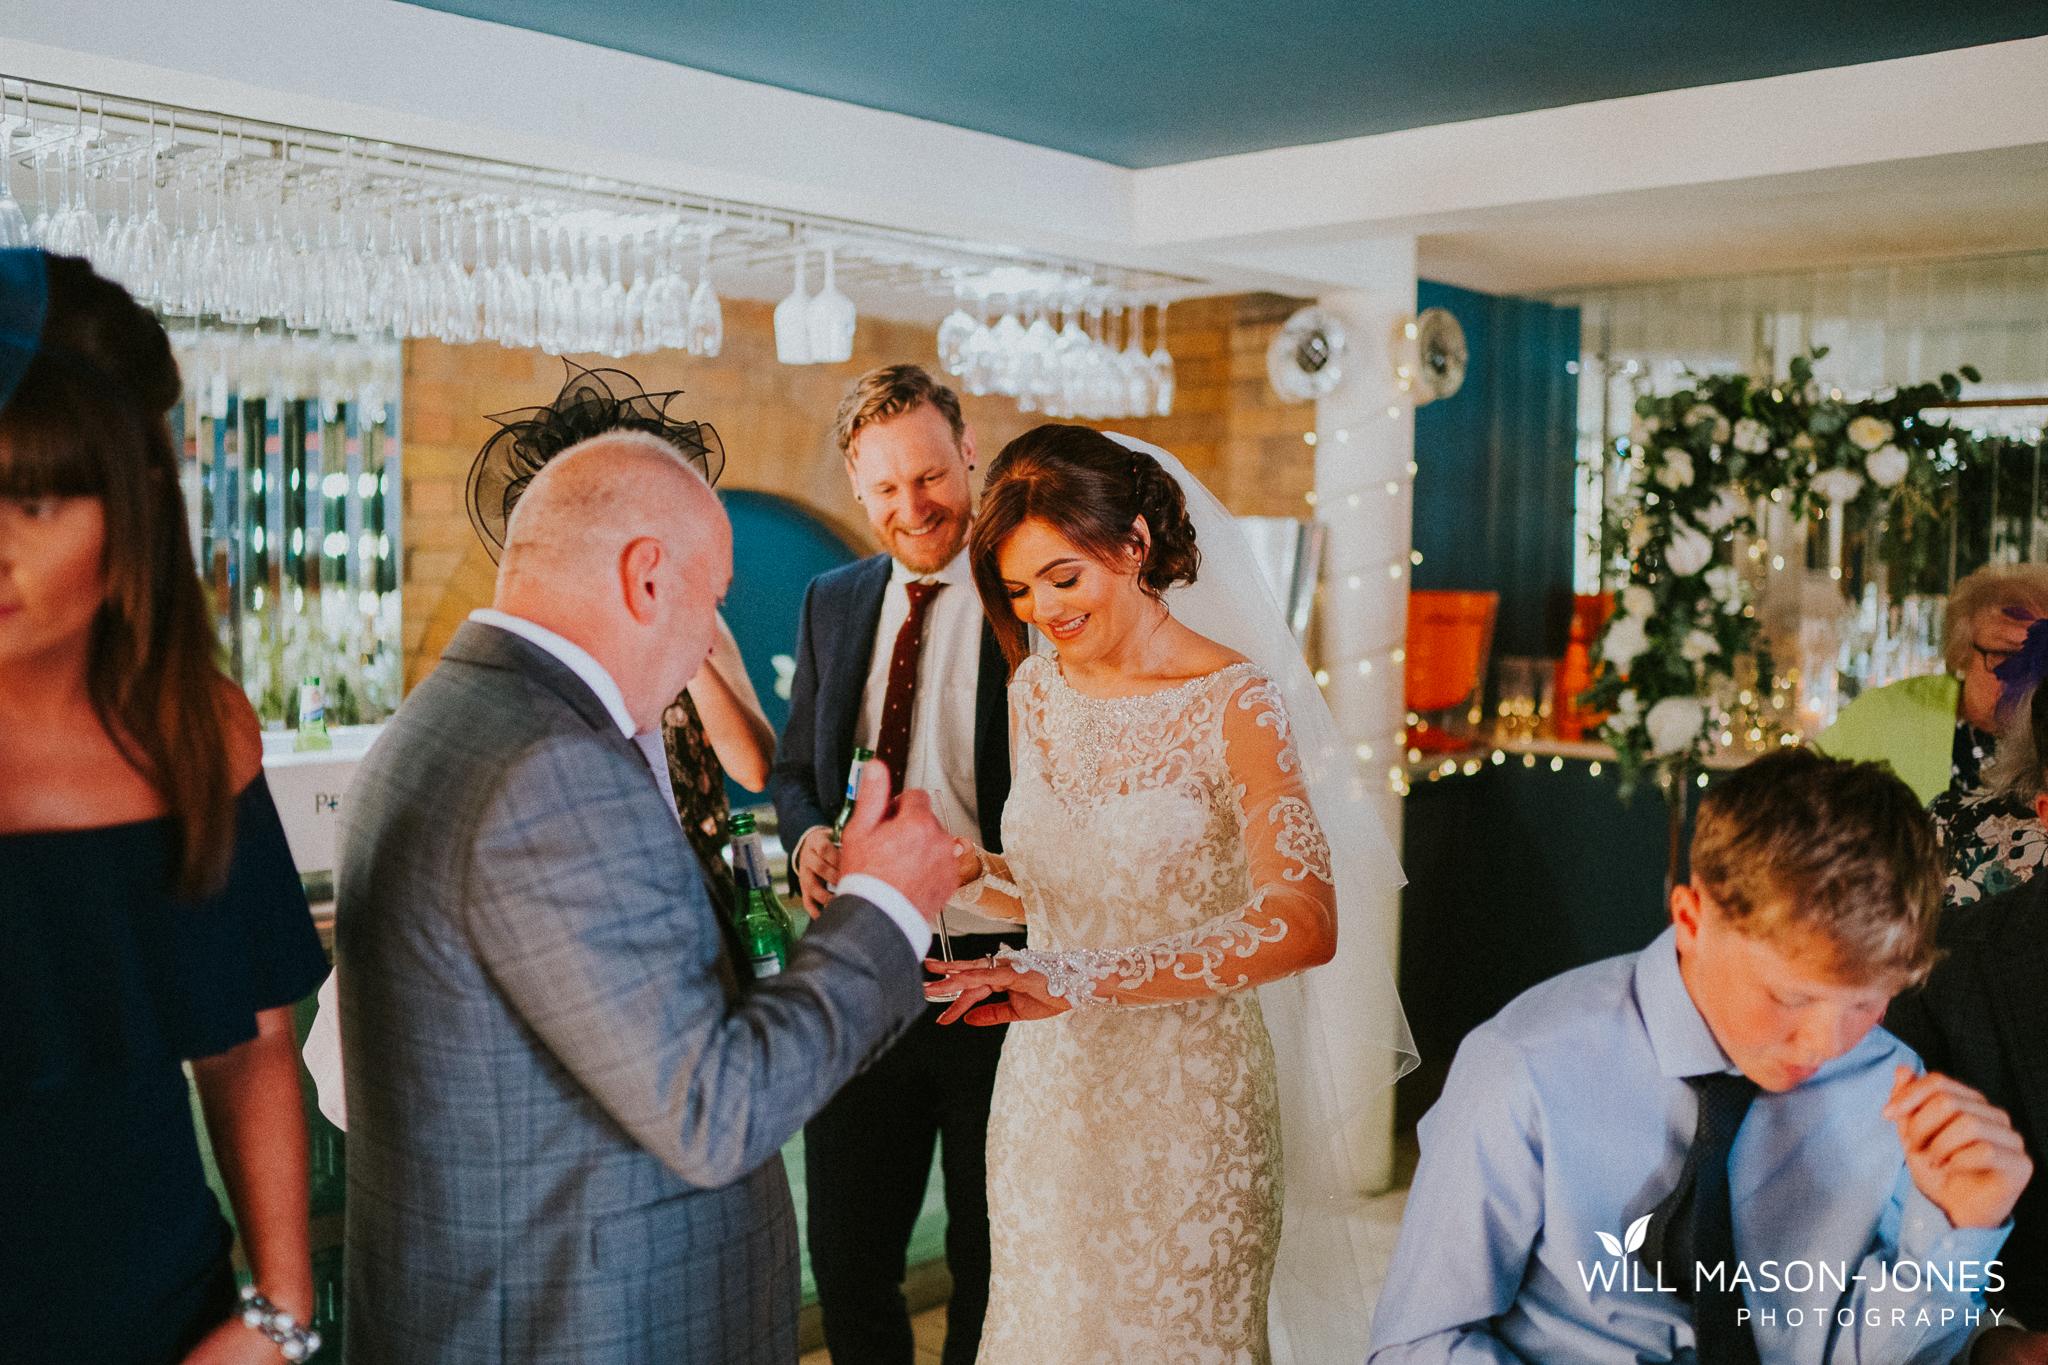 morgans hotel swansea wedding guests reception decorations